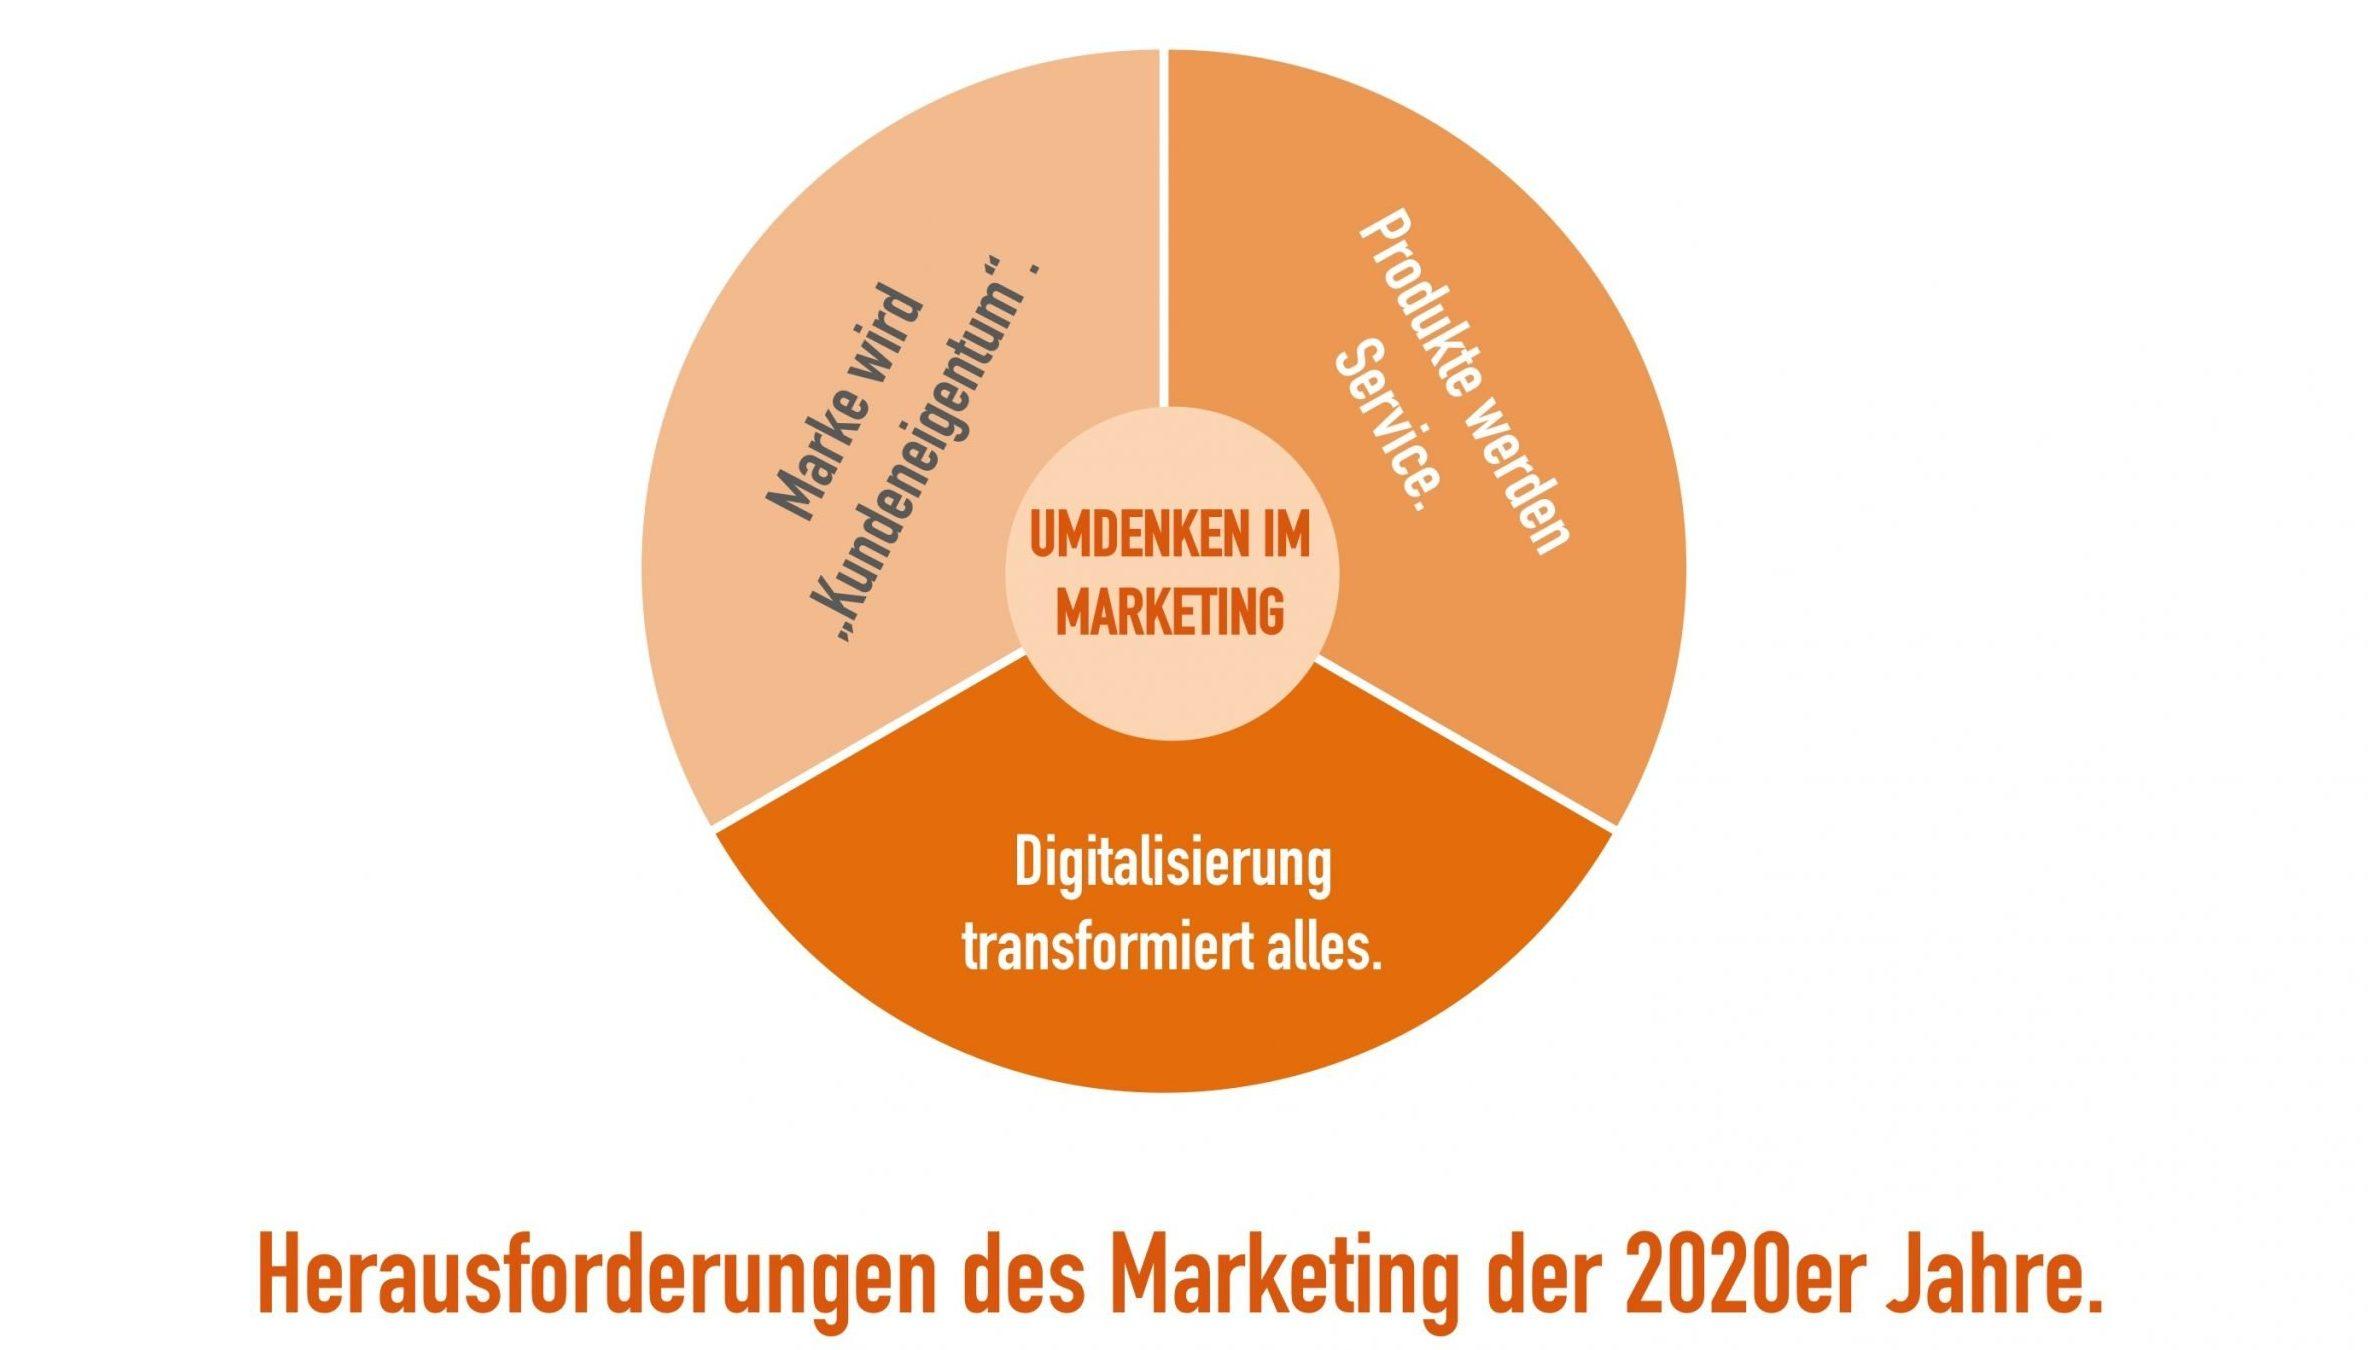 Herausforderungen des Marketing der 2020er Jahre